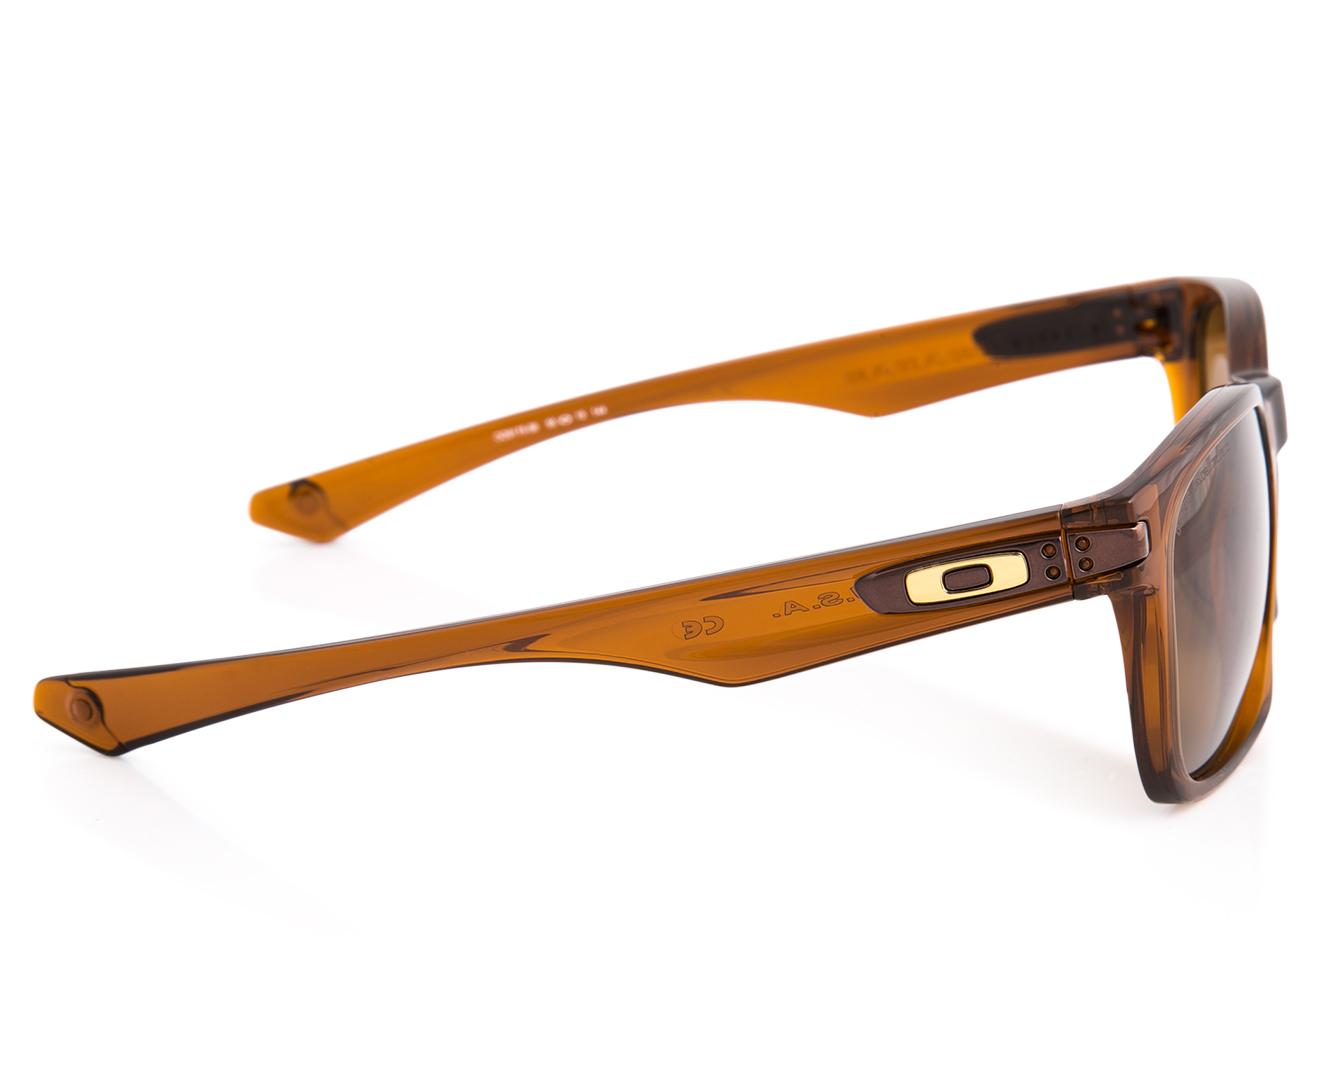 806e0f20cb5 Oakley Garage Rock Sunglasses - Dark Amber